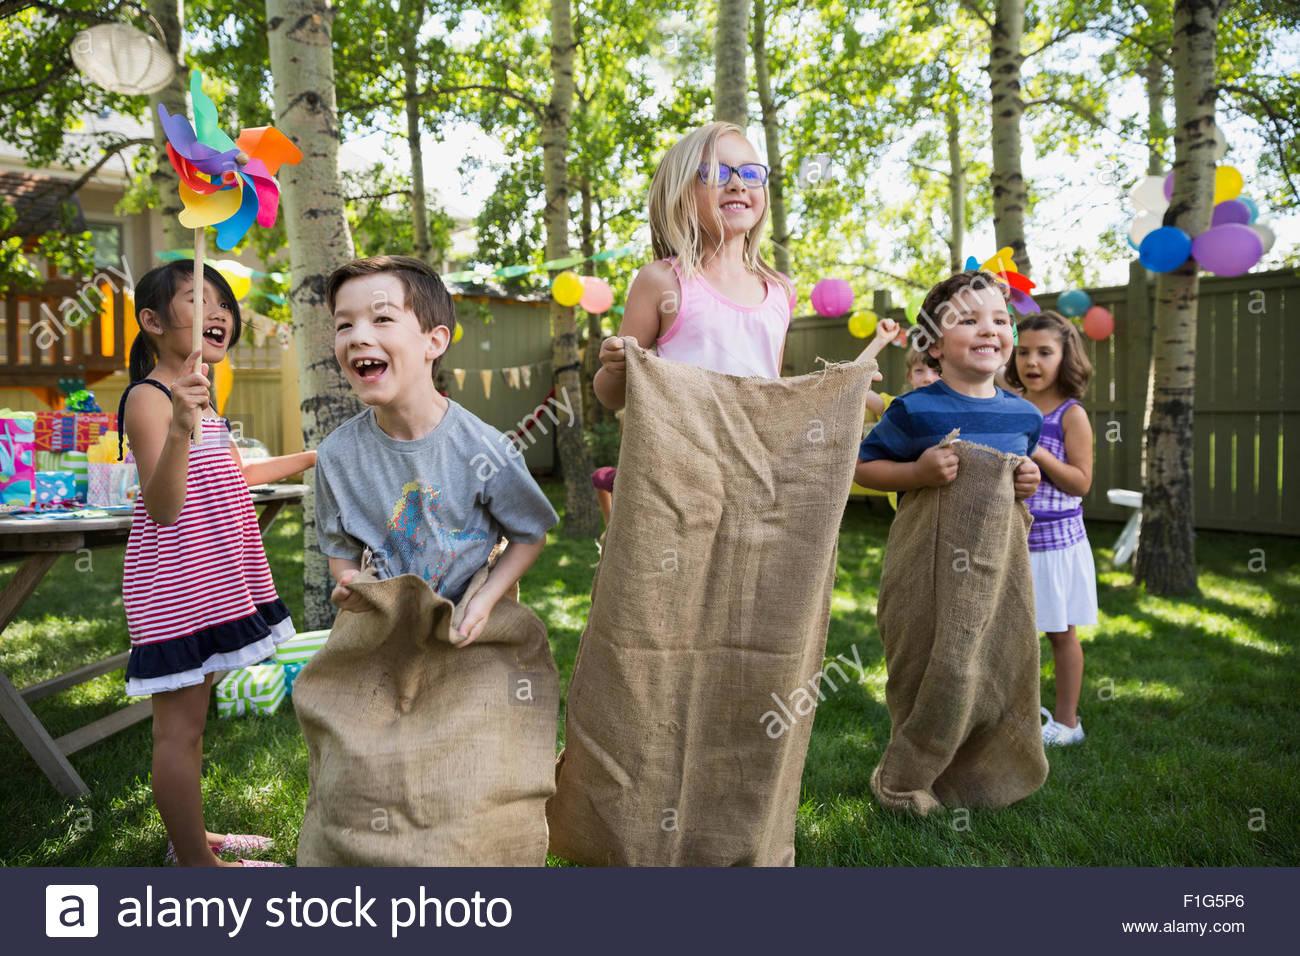 Kinder genießen Sackhüpfen im Hinterhof-Geburtstags-party Stockbild